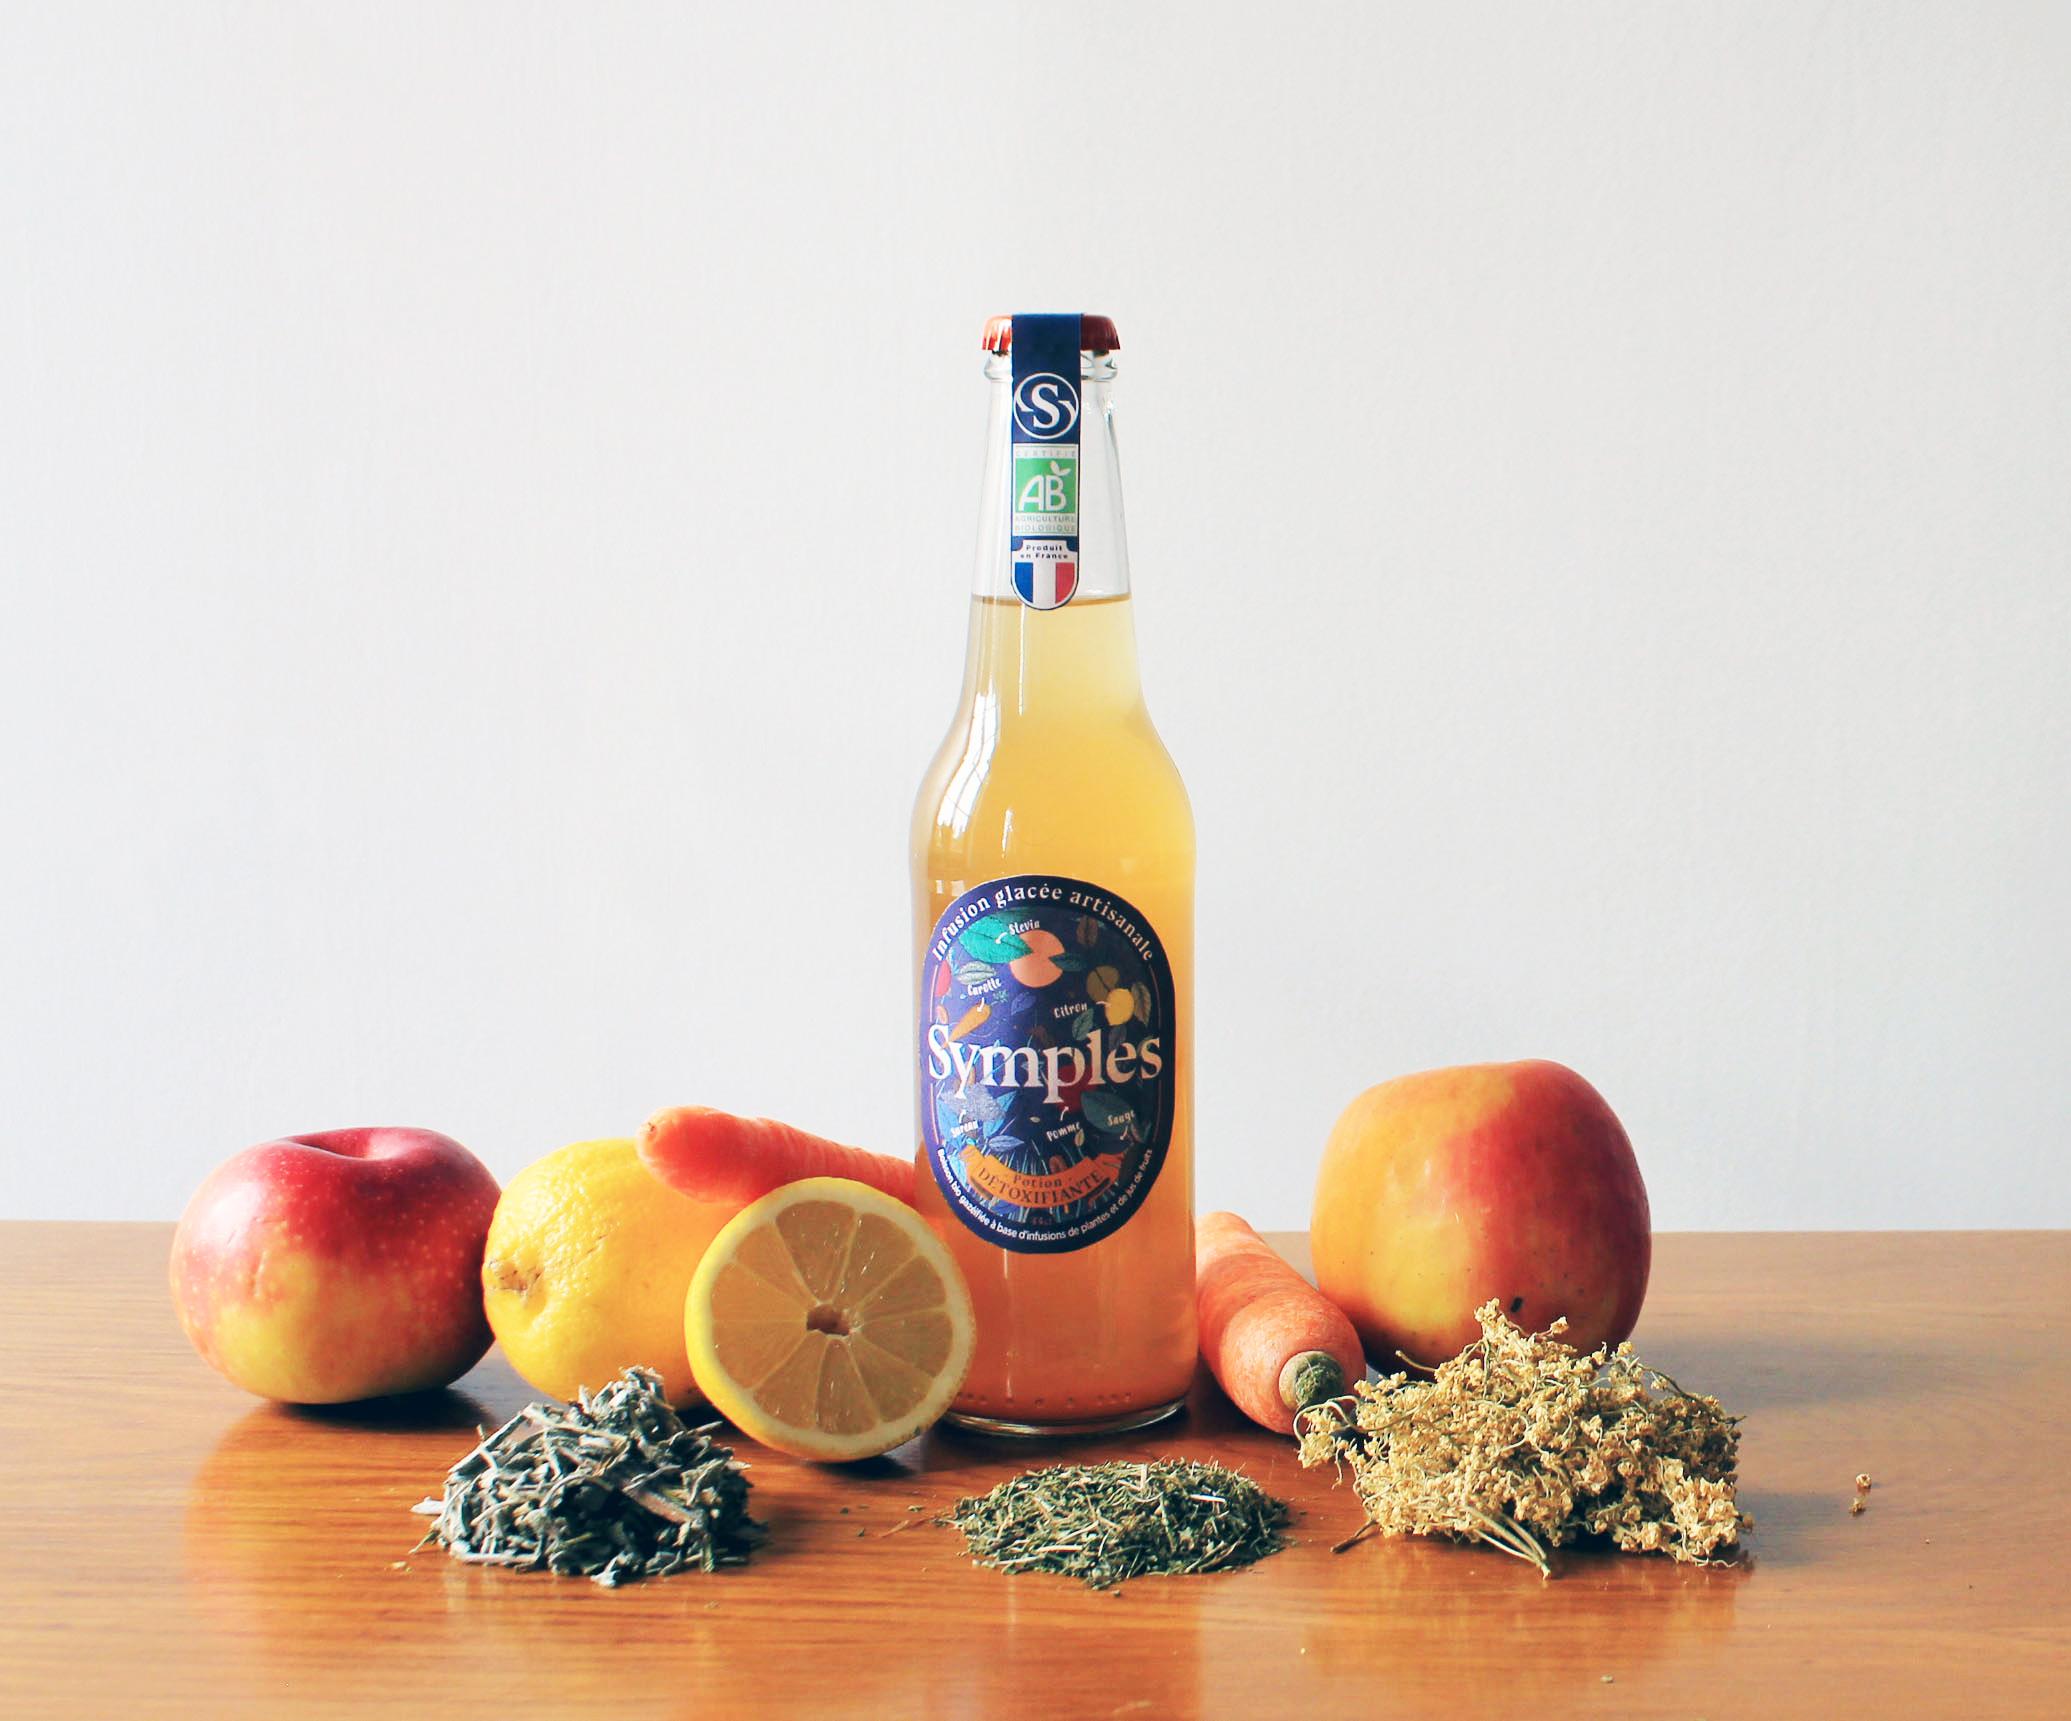 visuel symples - Symples lance la la première boisson détoxifiante sans sucre ajoutés 100% naturelle et made in France